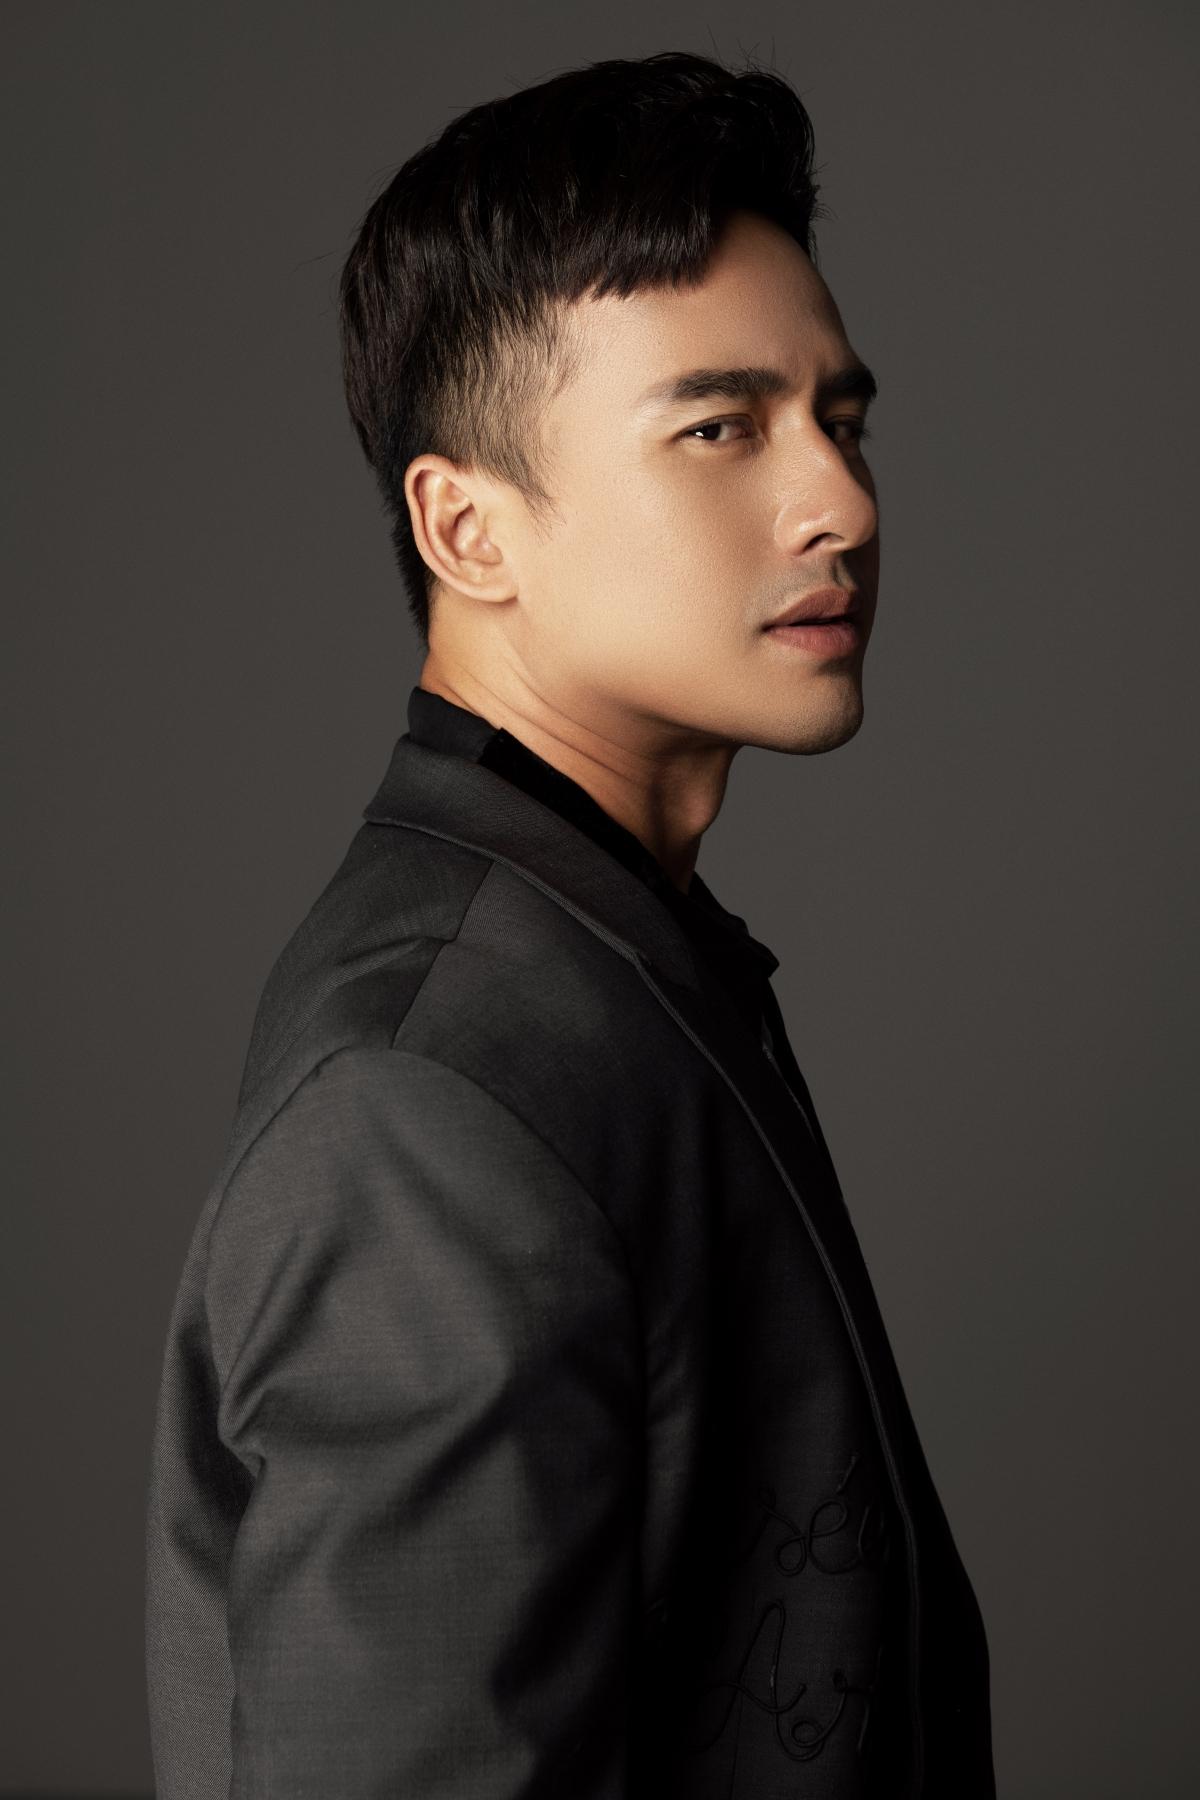 Bên cạnh đó, Thúy Diễm cùng Lương Thế Thành đang tham gia dự án phim thiếu nhi của BHD với nhiều bất ngờ thú vị.